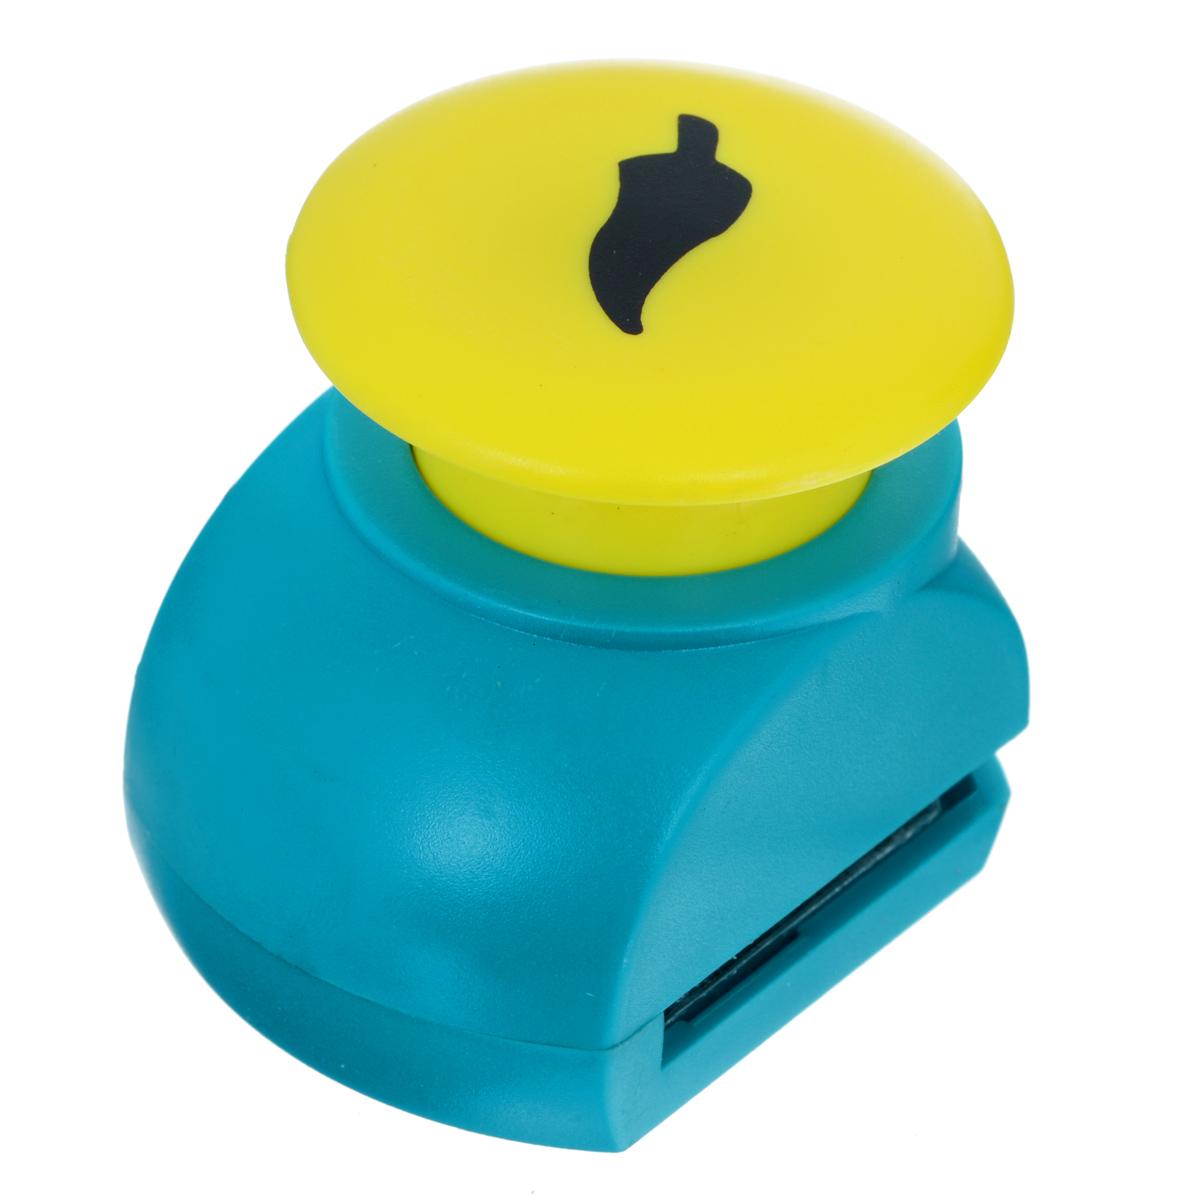 Дырокол фигурный Астра Перец. JF-823FS-36054Дырокол Астра Перец поможет вам легко, просто и аккуратно вырезать много одинаковых мелких фигурок.Режущие части компостера закрыты пластмассовым корпусом, что обеспечивает безопасность для детей.Можно использовать вырезанные мотивы как конфетти или для наклеивания. Дырокол подходит для разных техник: декупажа, скрапбукинга, декорирования.Размер дырокола: 5 см х 4 см х 5 см. Размер готовой фигурки: 2,5 см х 2,1 см.